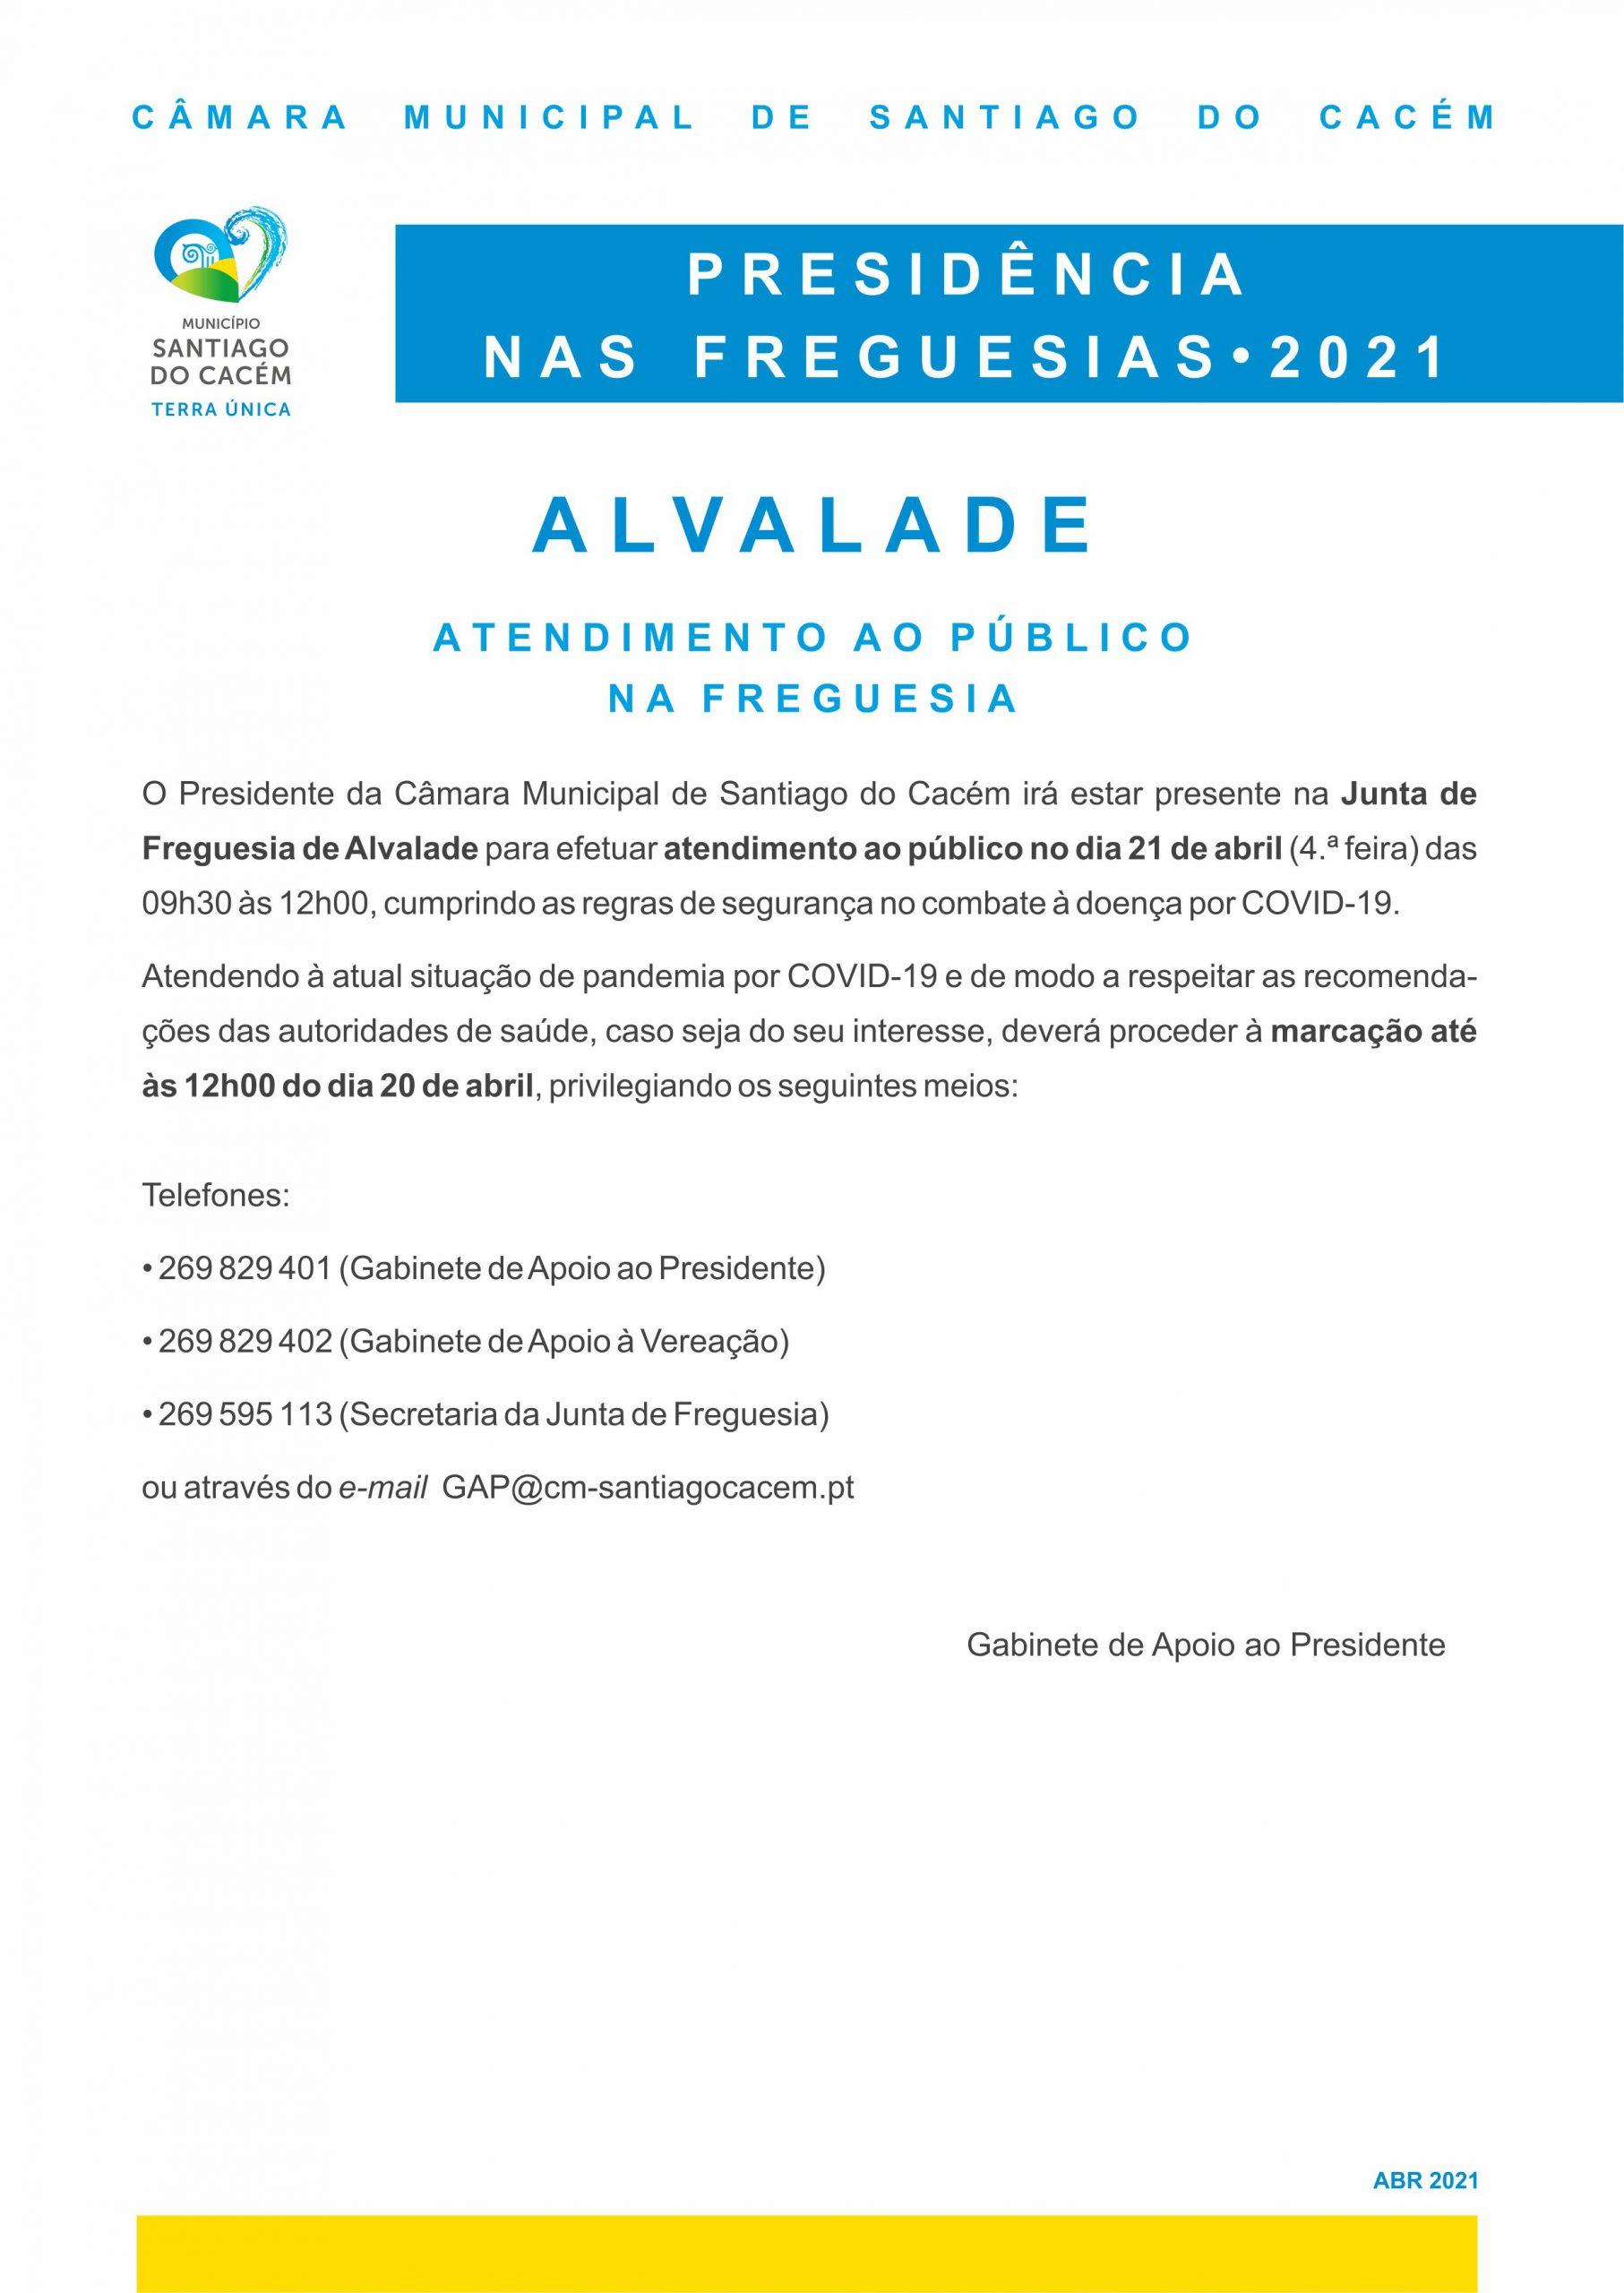 presidência freguesias_alvalade